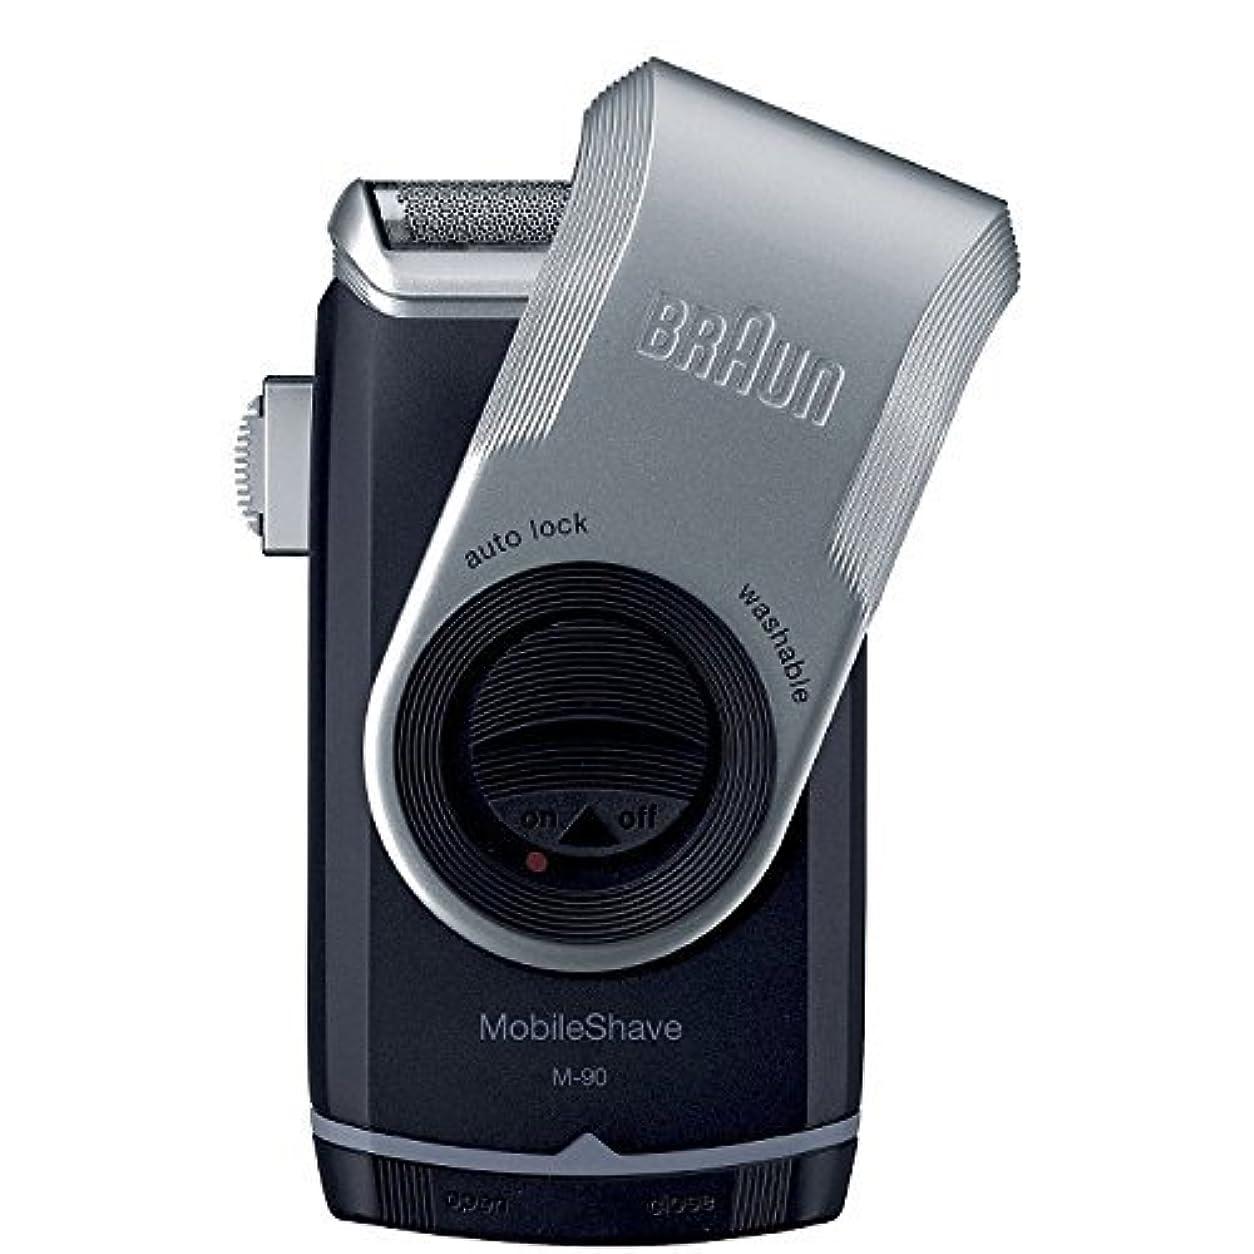 共感するトークン非武装化Braun M90 Pocketgo Mobileshave スマートホイルでポータブルシェーバー [並行輸入品]